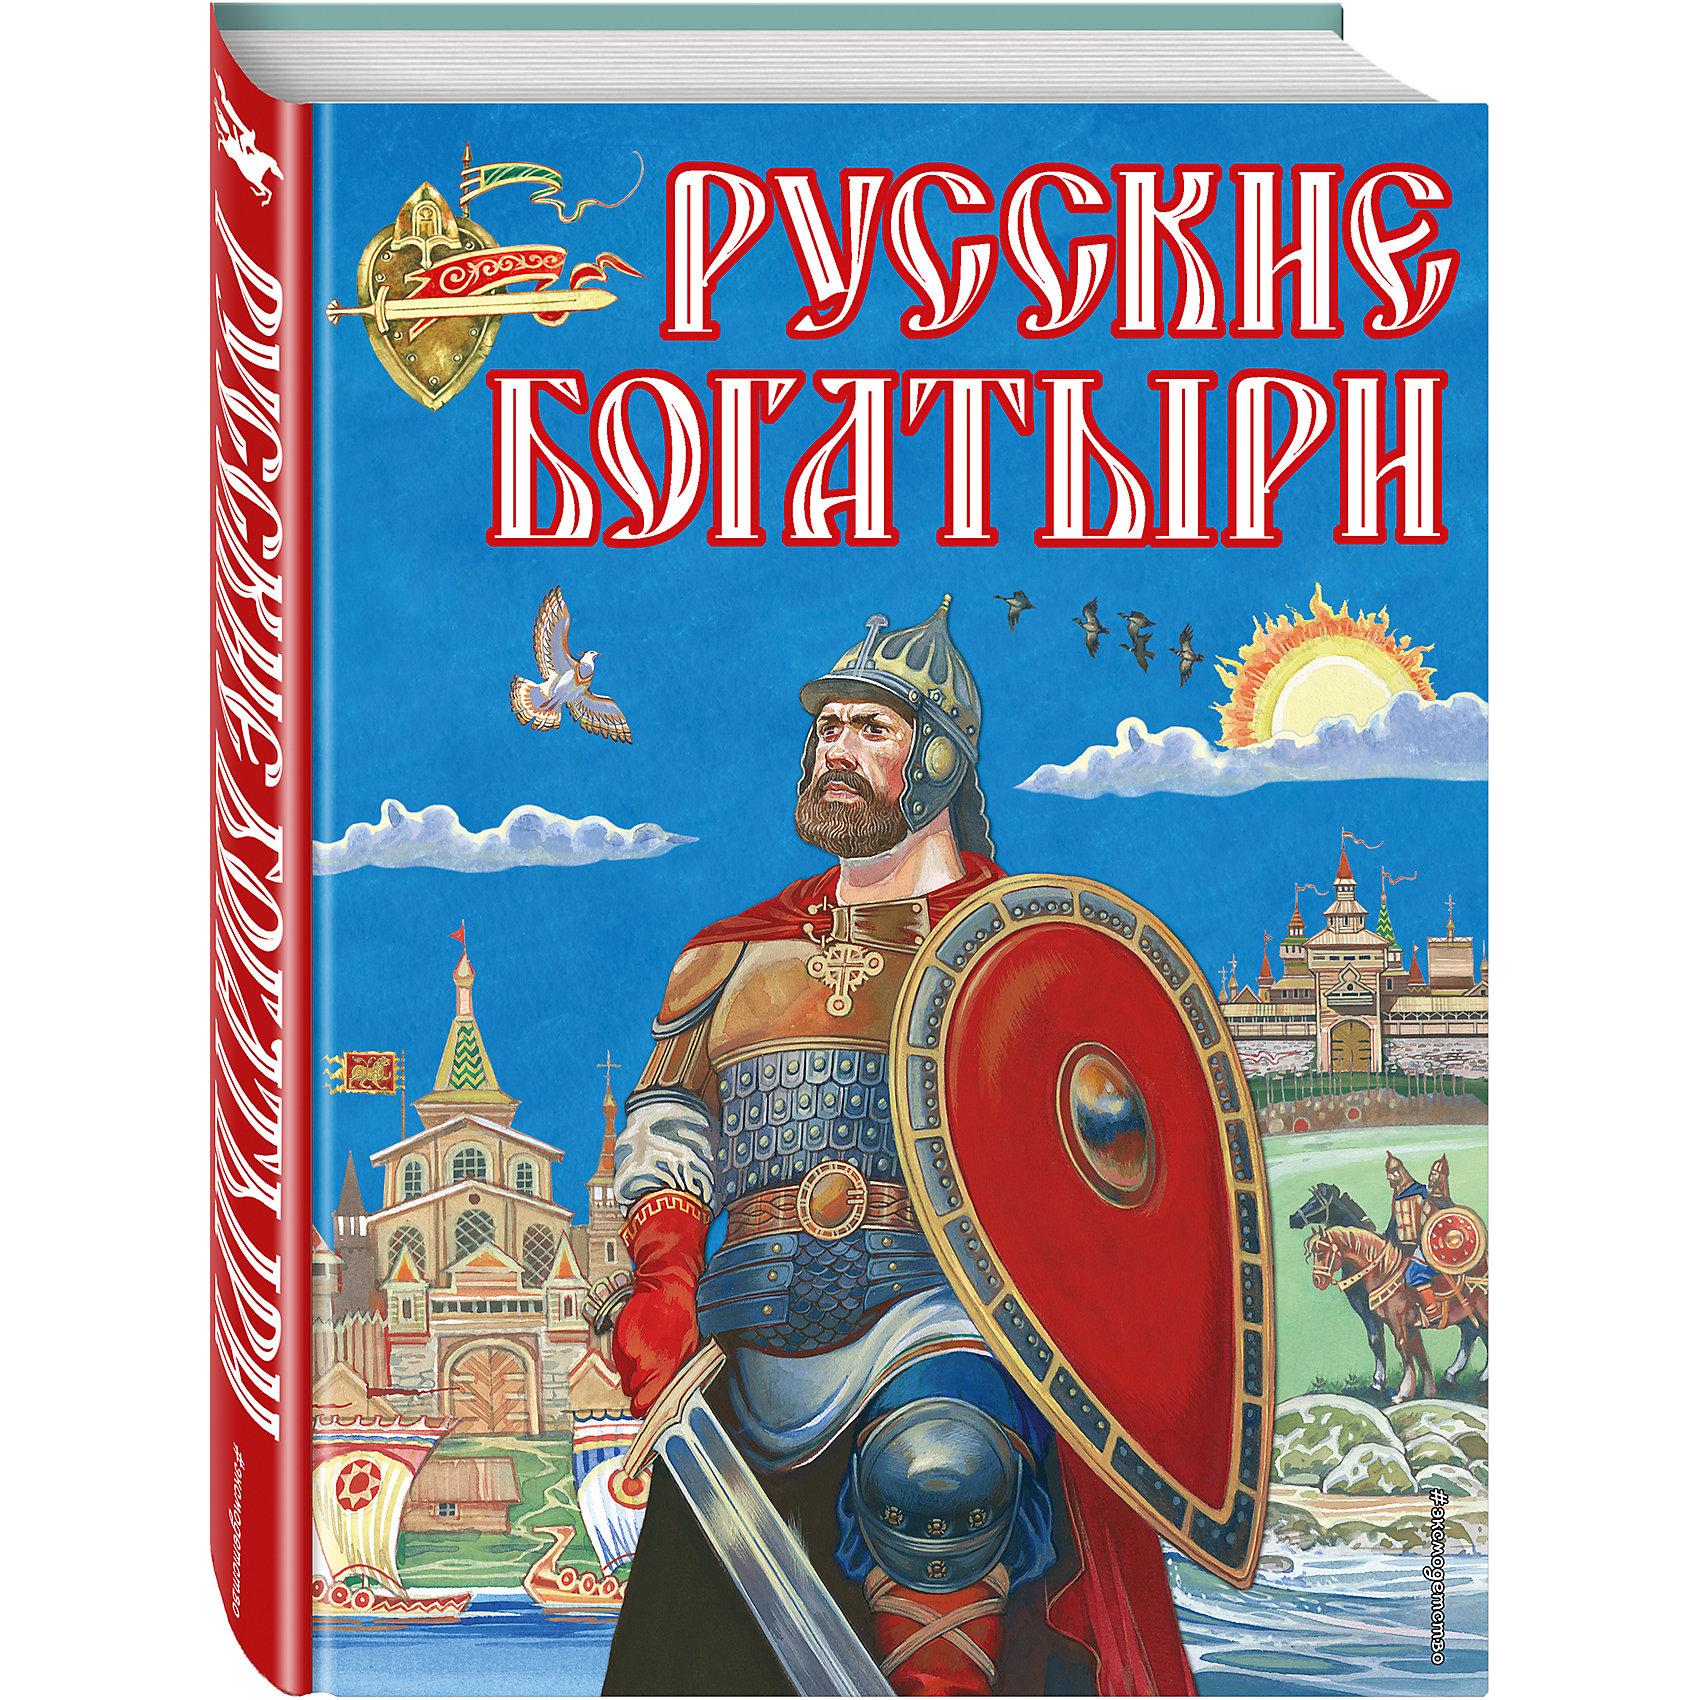 Эксмо Русские богатыри (иллюстрации И. Беличенко)